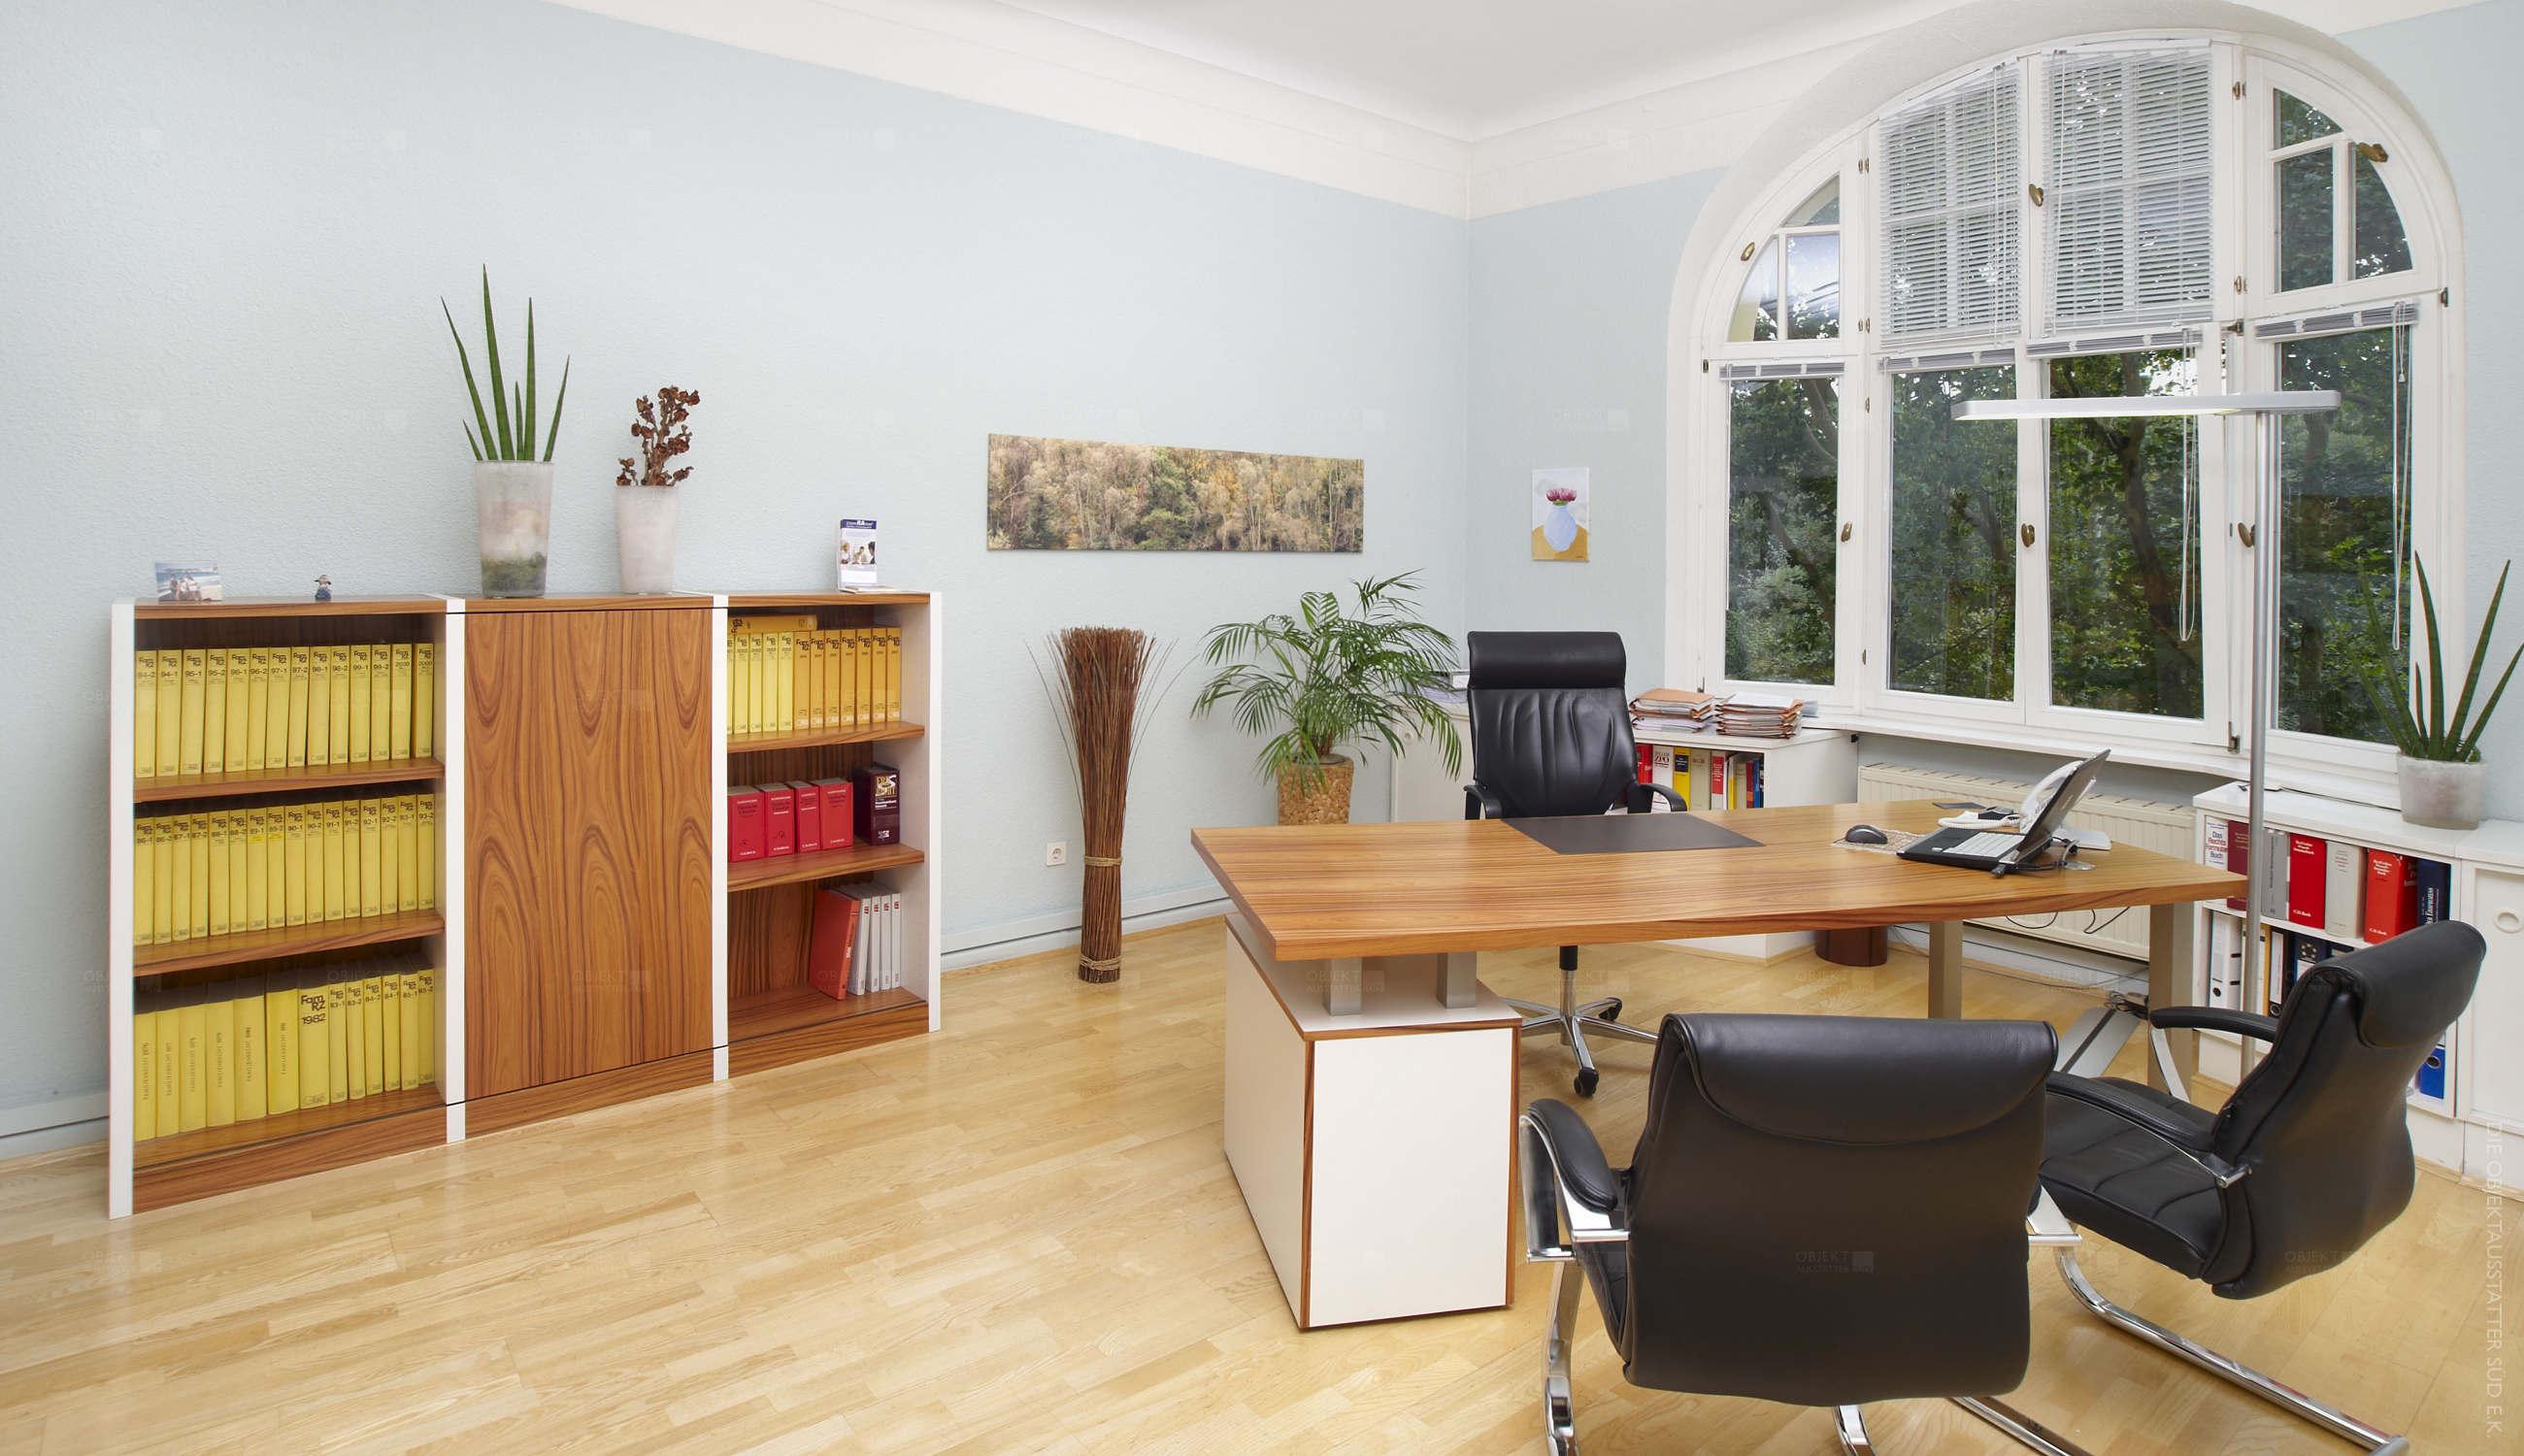 Büroraum mit Schreibtisch und Freischwingern.